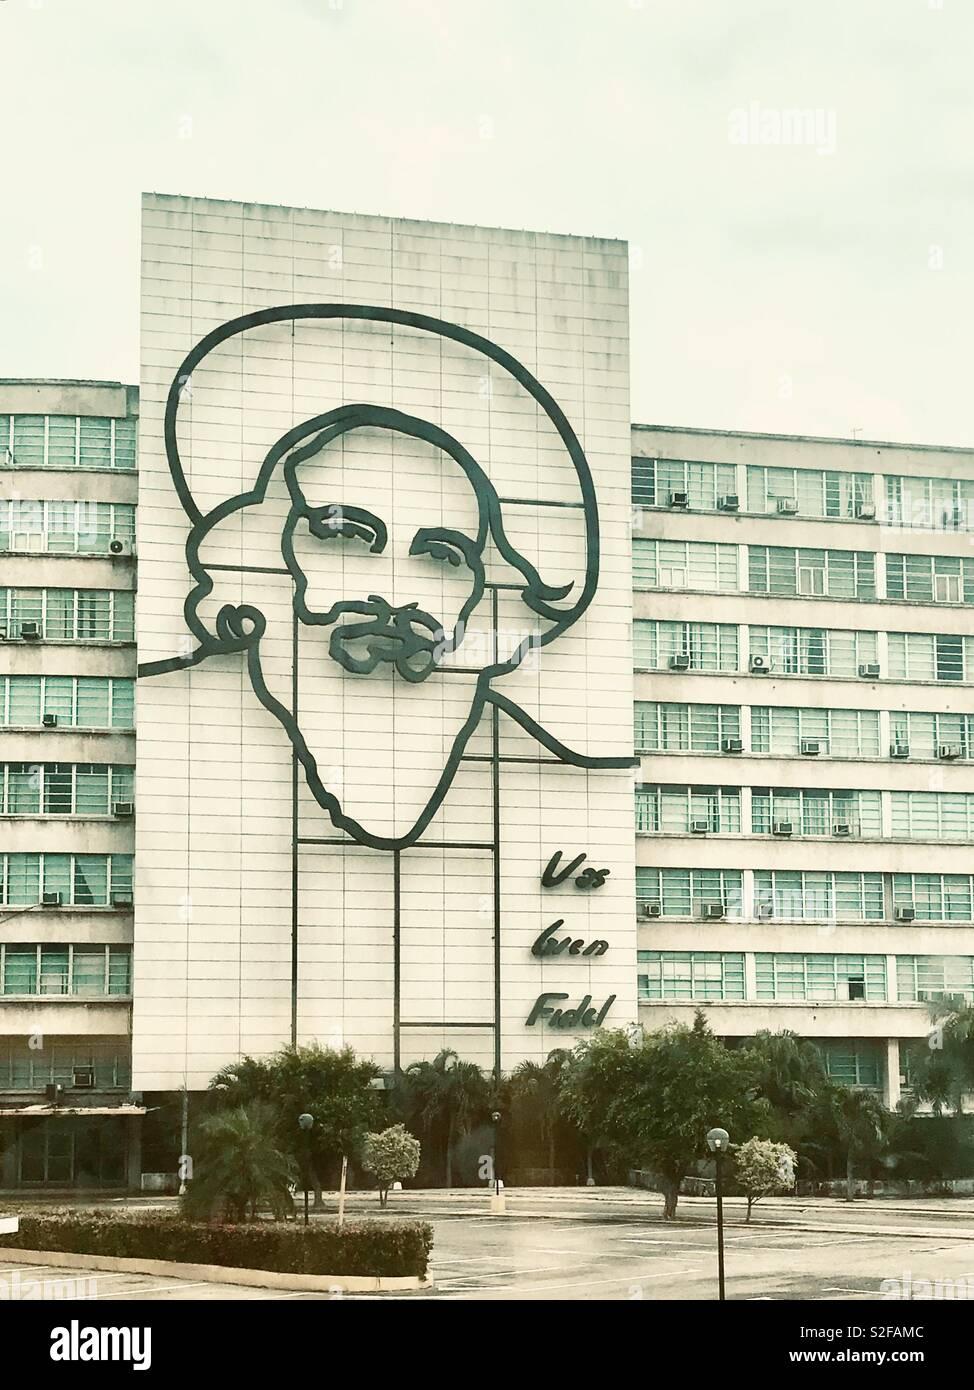 """Camilo Cienfuegos cara perfilada en la parte delantera de un edificio gubernamental, uno de los mejores comandantes guerrilleros de Castro, conocido como el """"Héroe de Yaguajay"""" después de ganar una batalla decisiva de la Revolución Cubana. Imagen De Stock"""